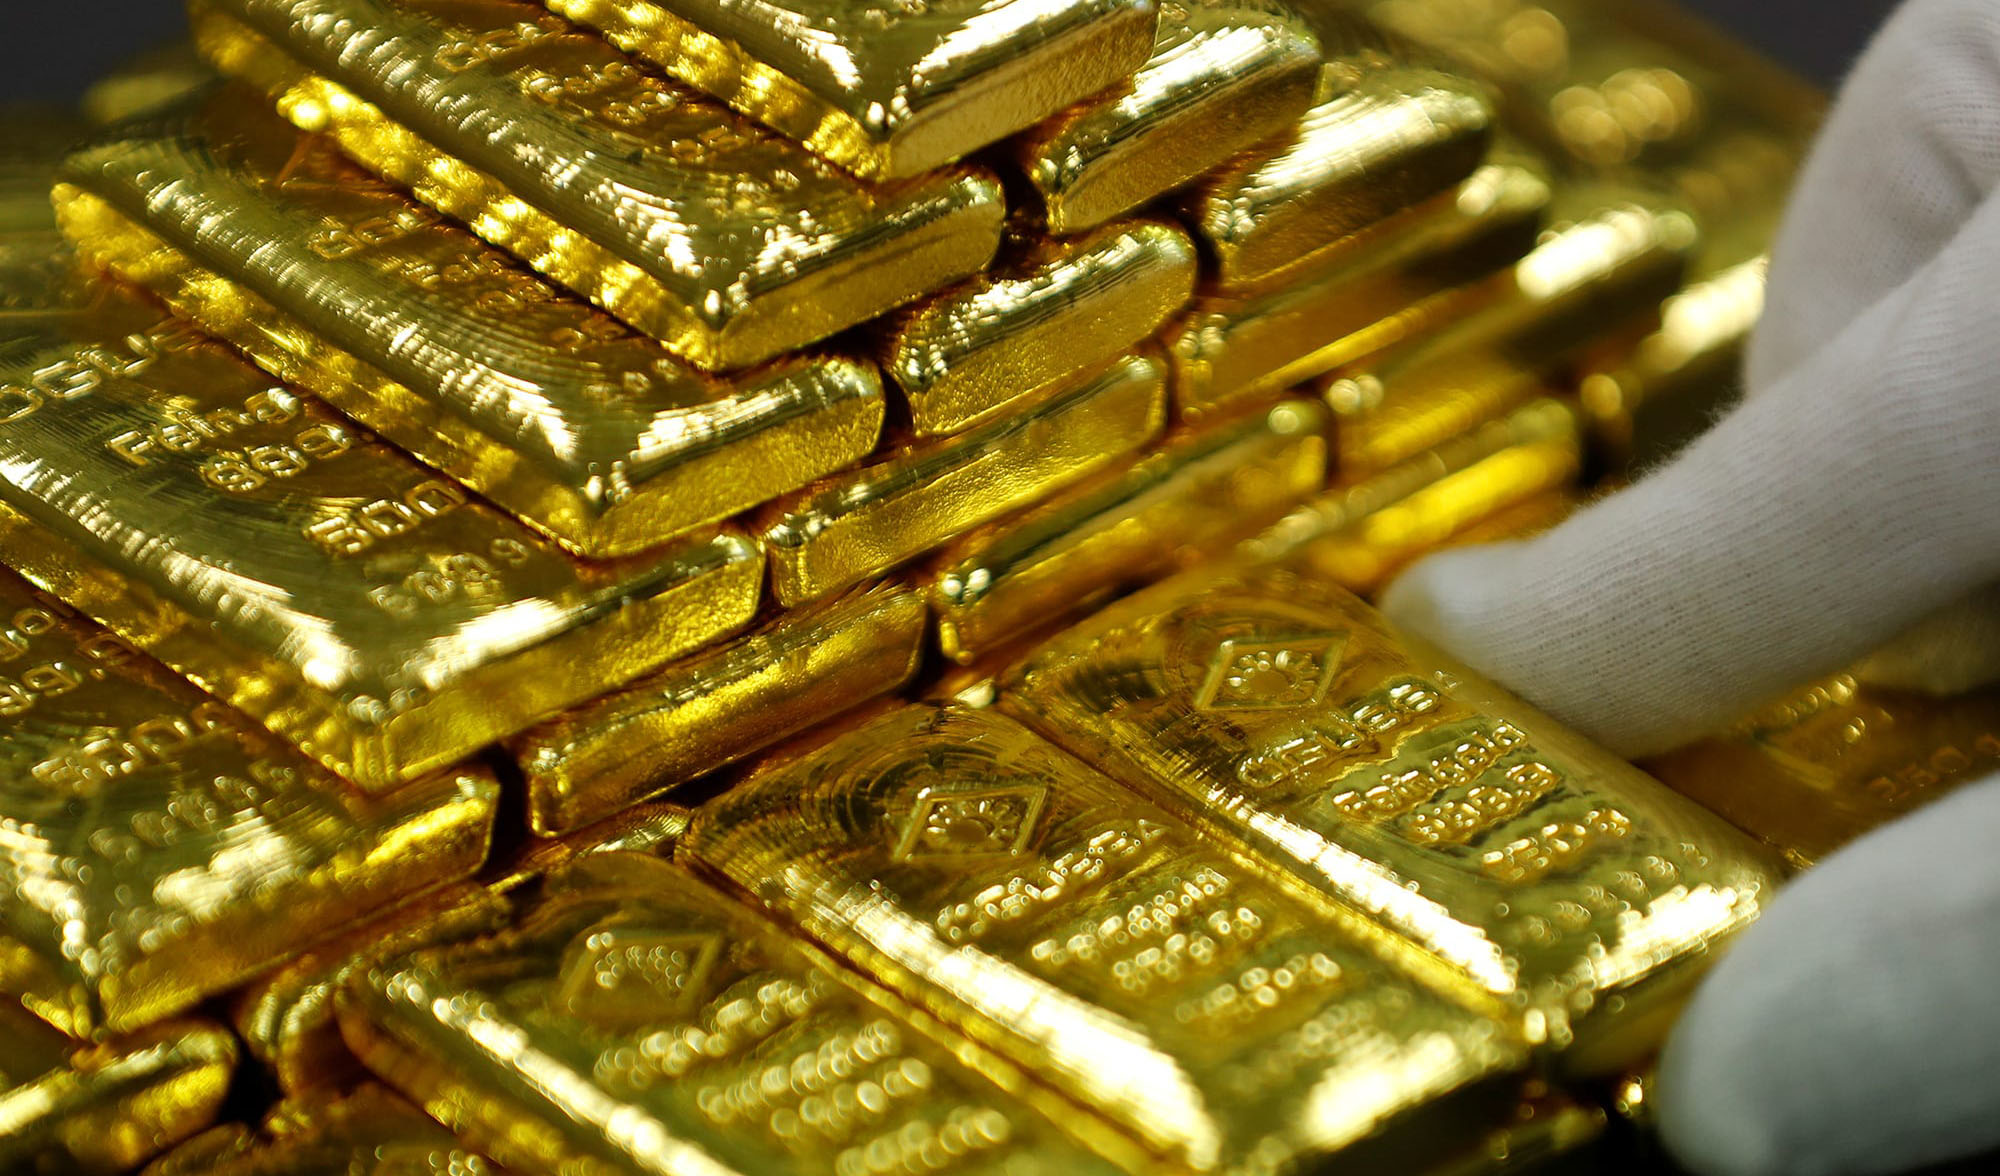 دو عامل موثر بر قیمت طلا در هفته جاری